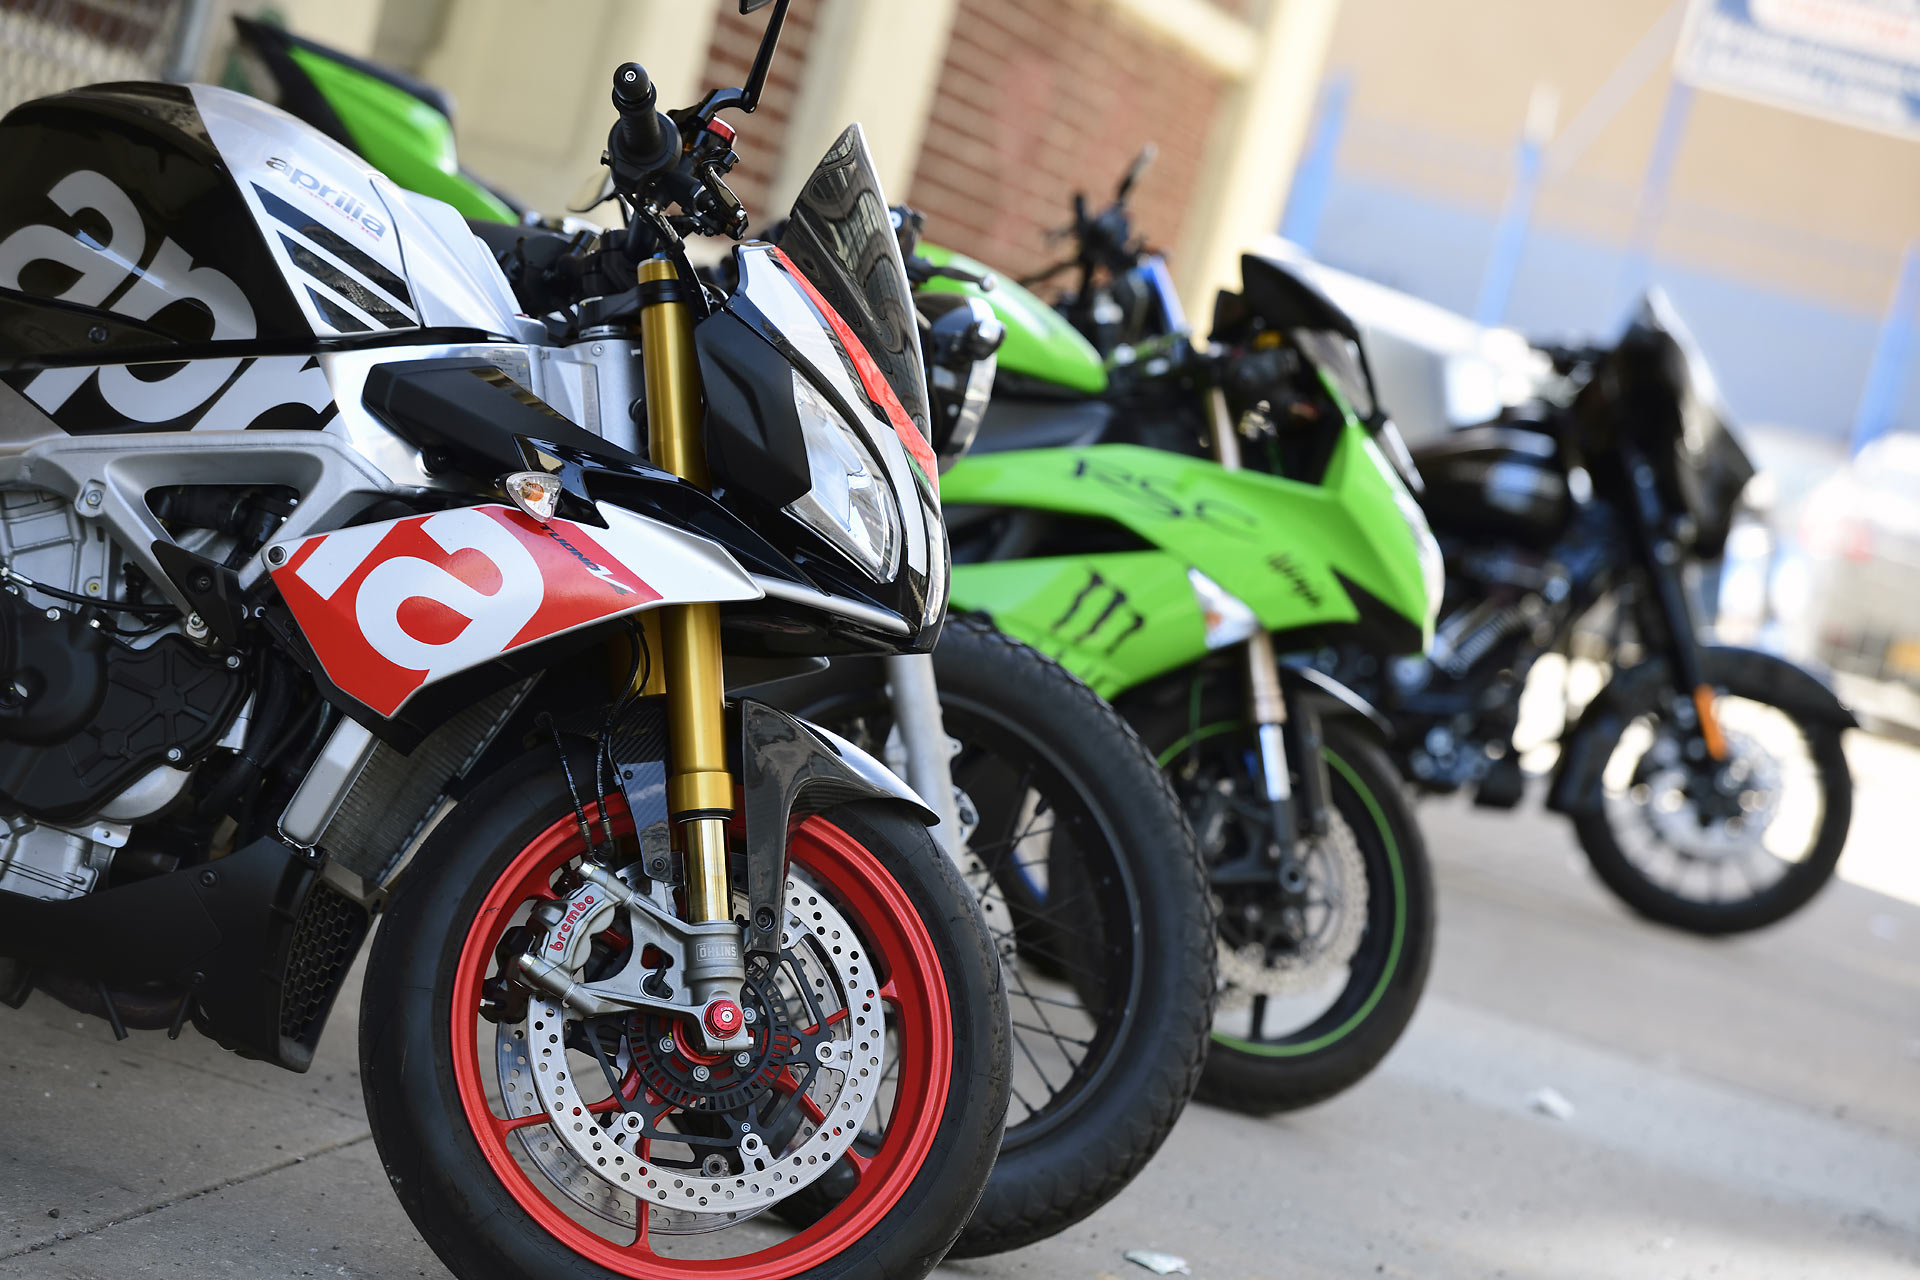 Subito Lombardia - moto usate comprare vendere in italia veicoli in vendita